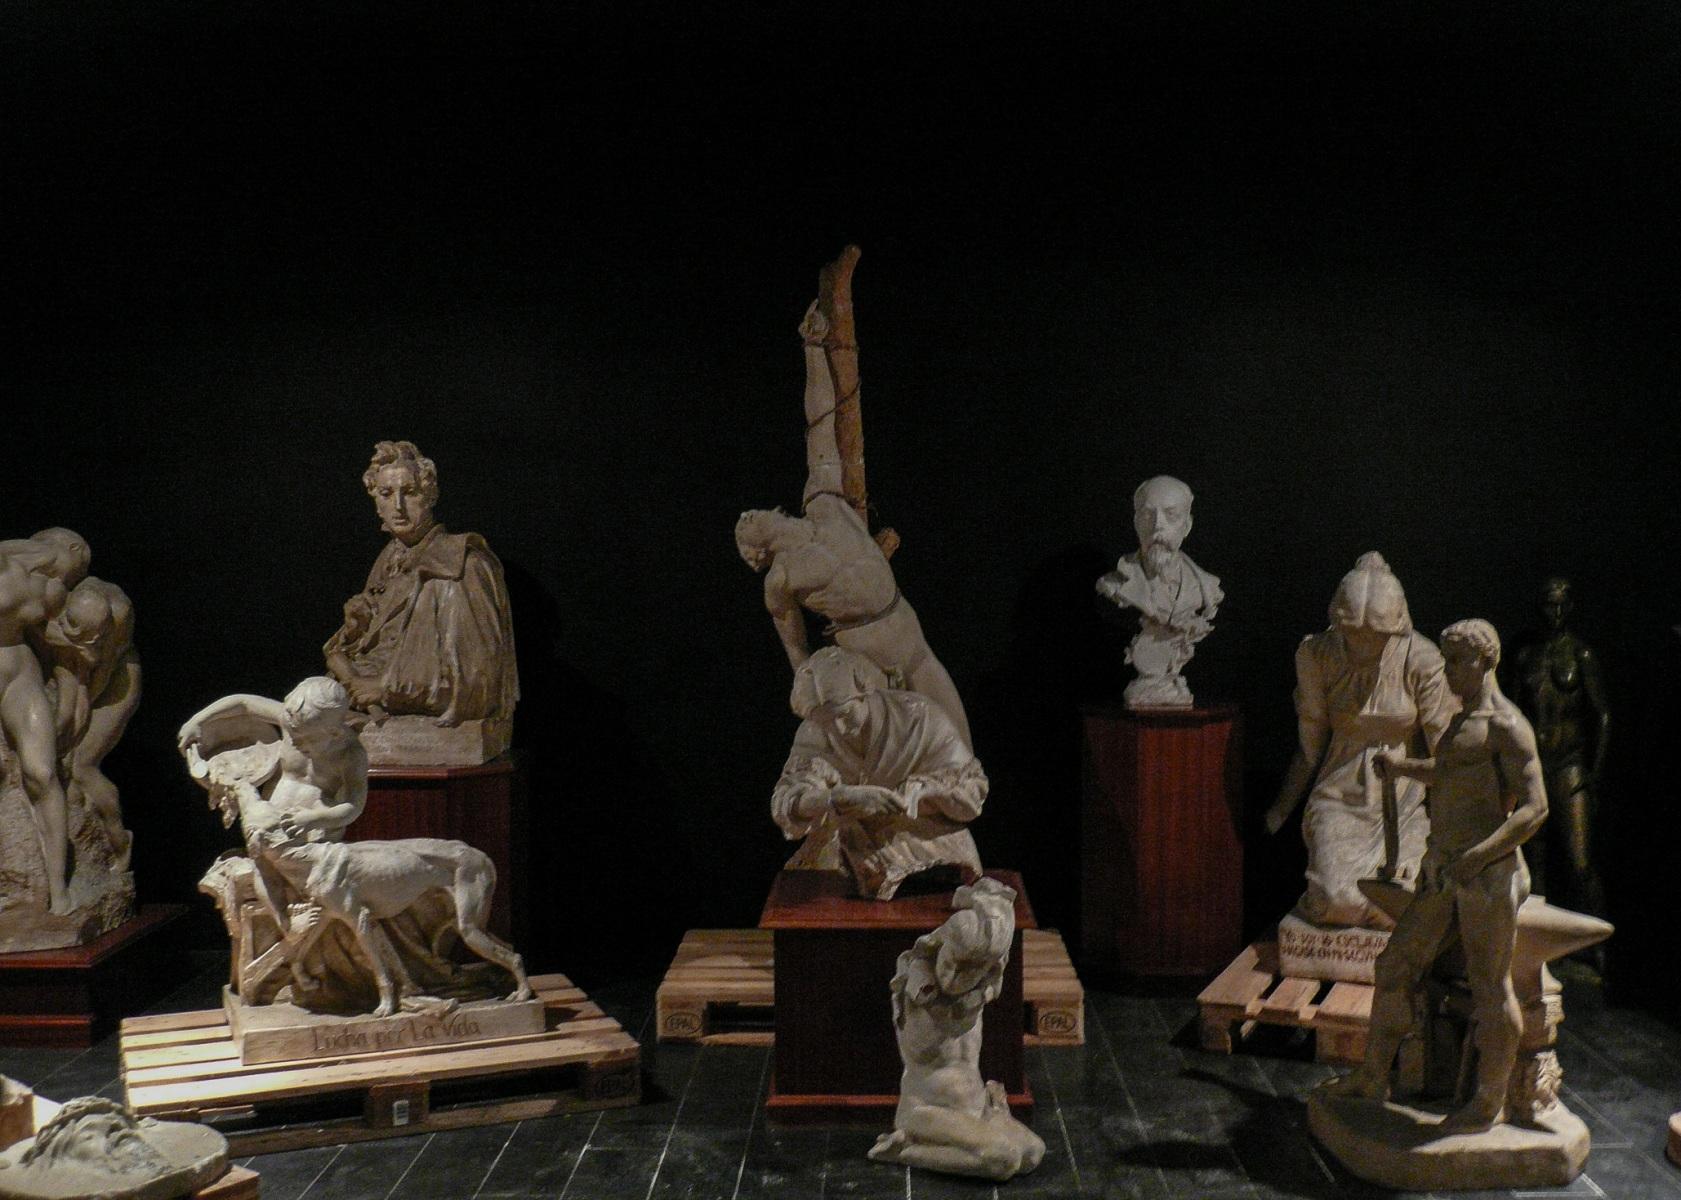 Teatro-del-arte-1